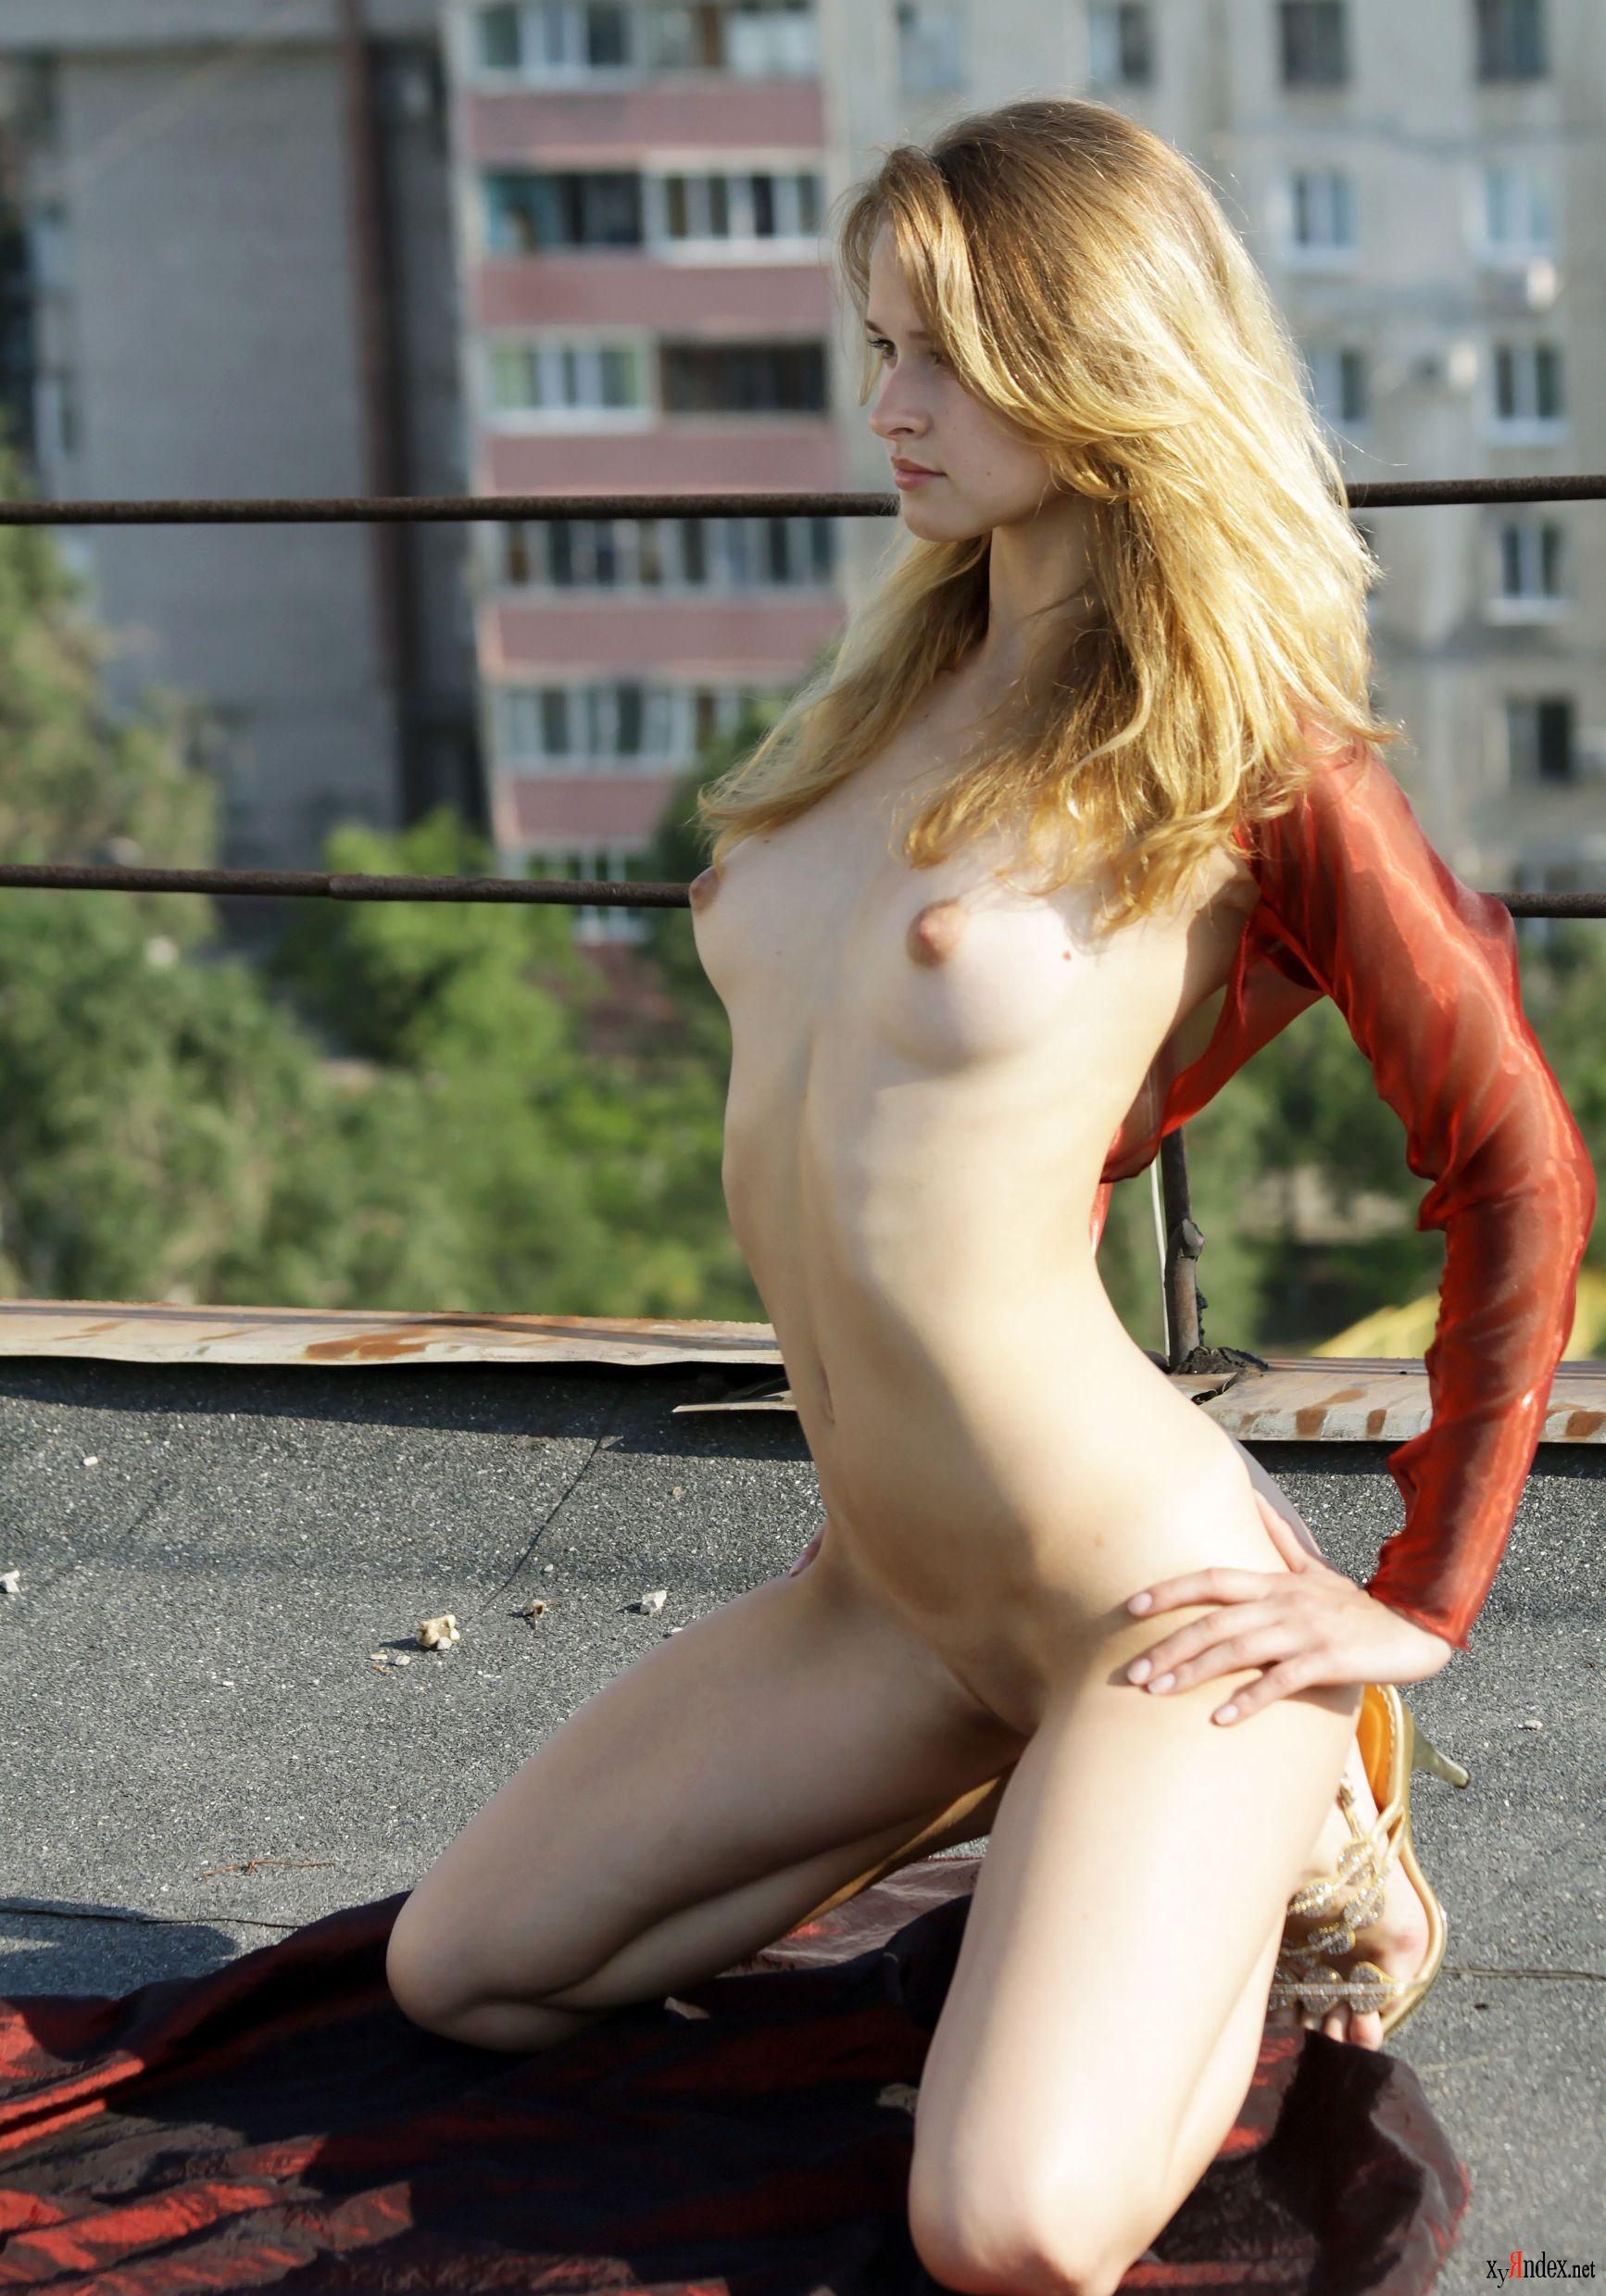 na-krishe-doma-dve-devushki-video-erotika-porno-rossiya-vecherinki-studentov